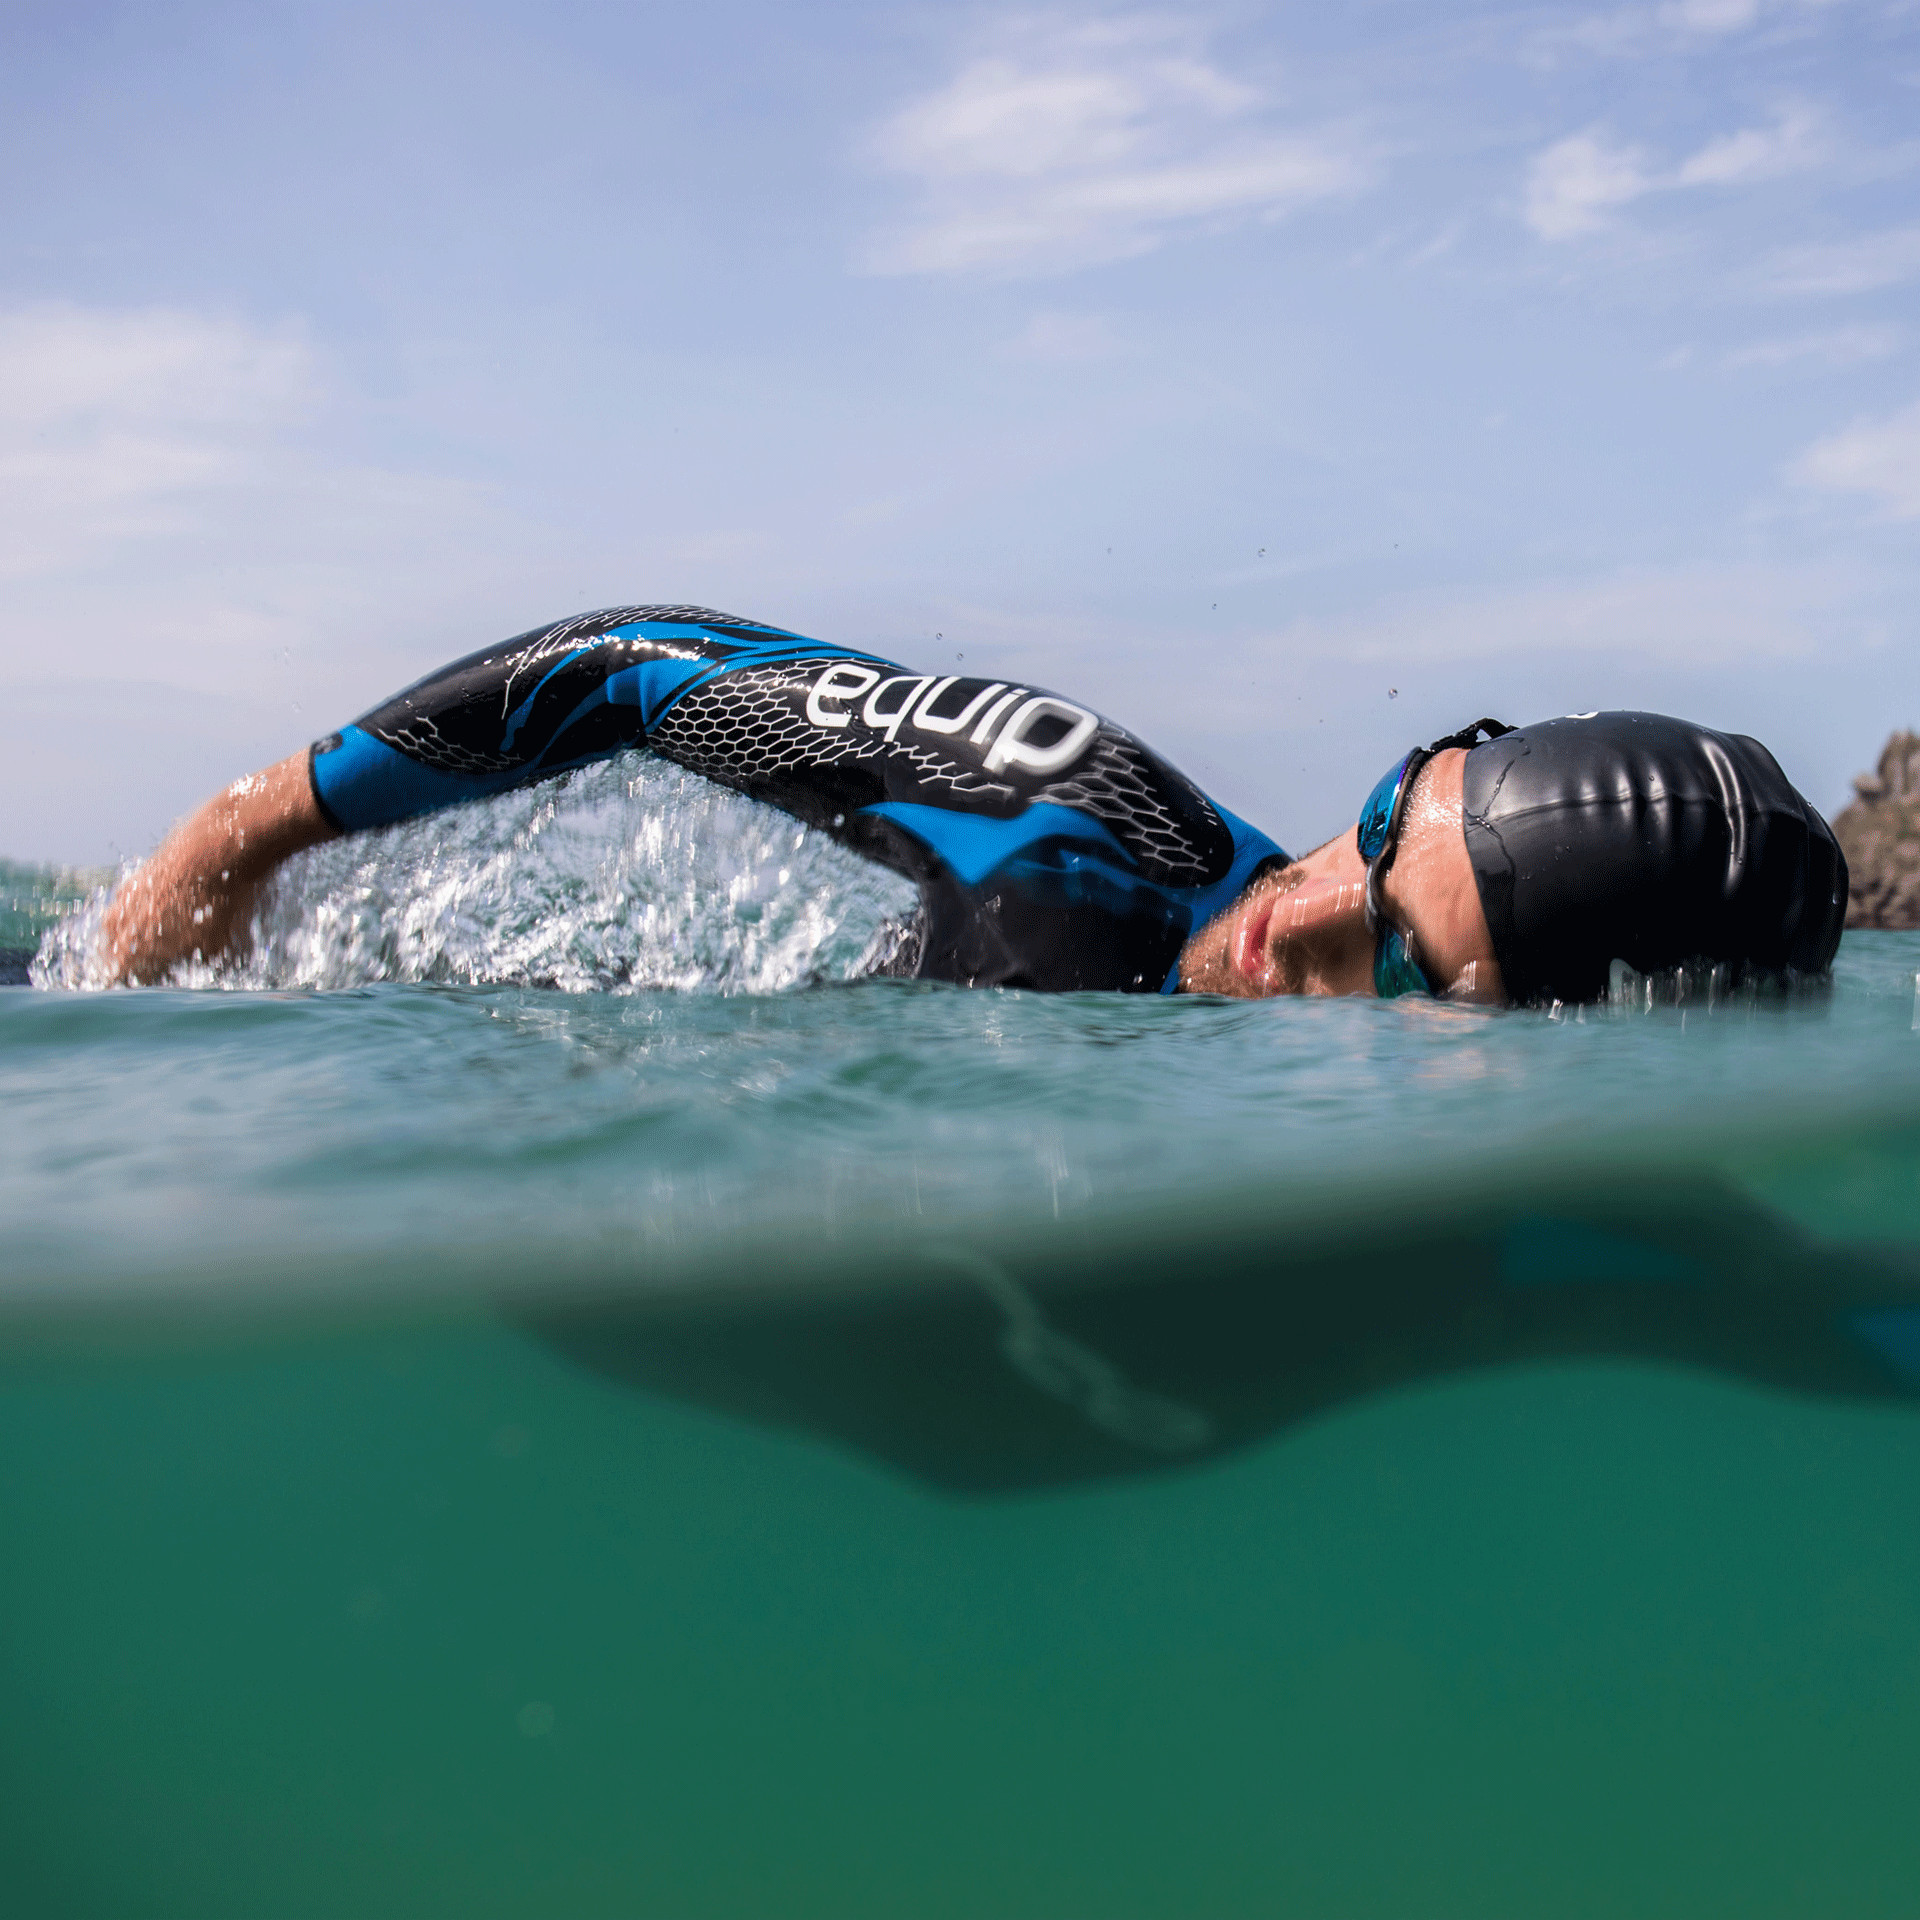 Orca Equipe wetsuit